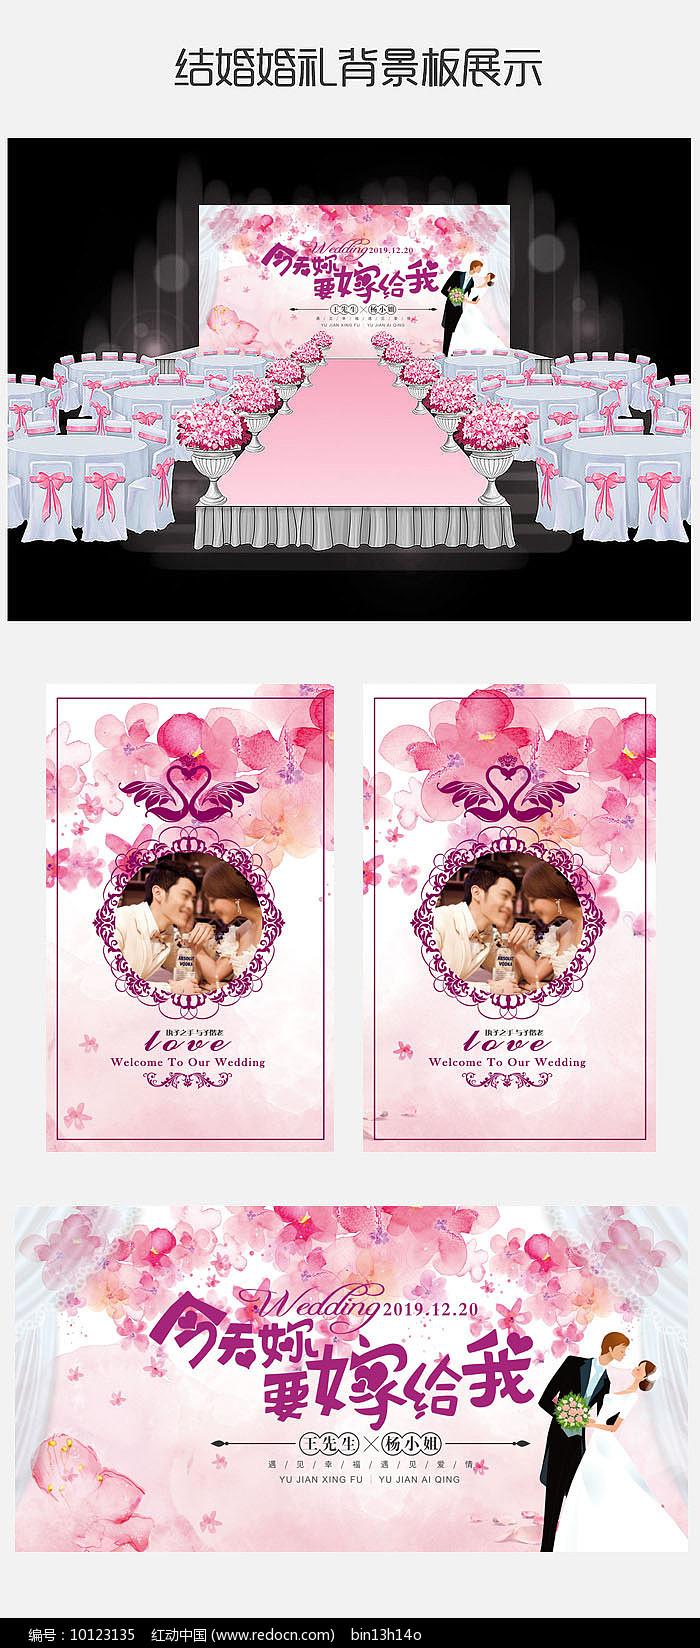 紫色唯美花瓣高端婚礼背景板图片